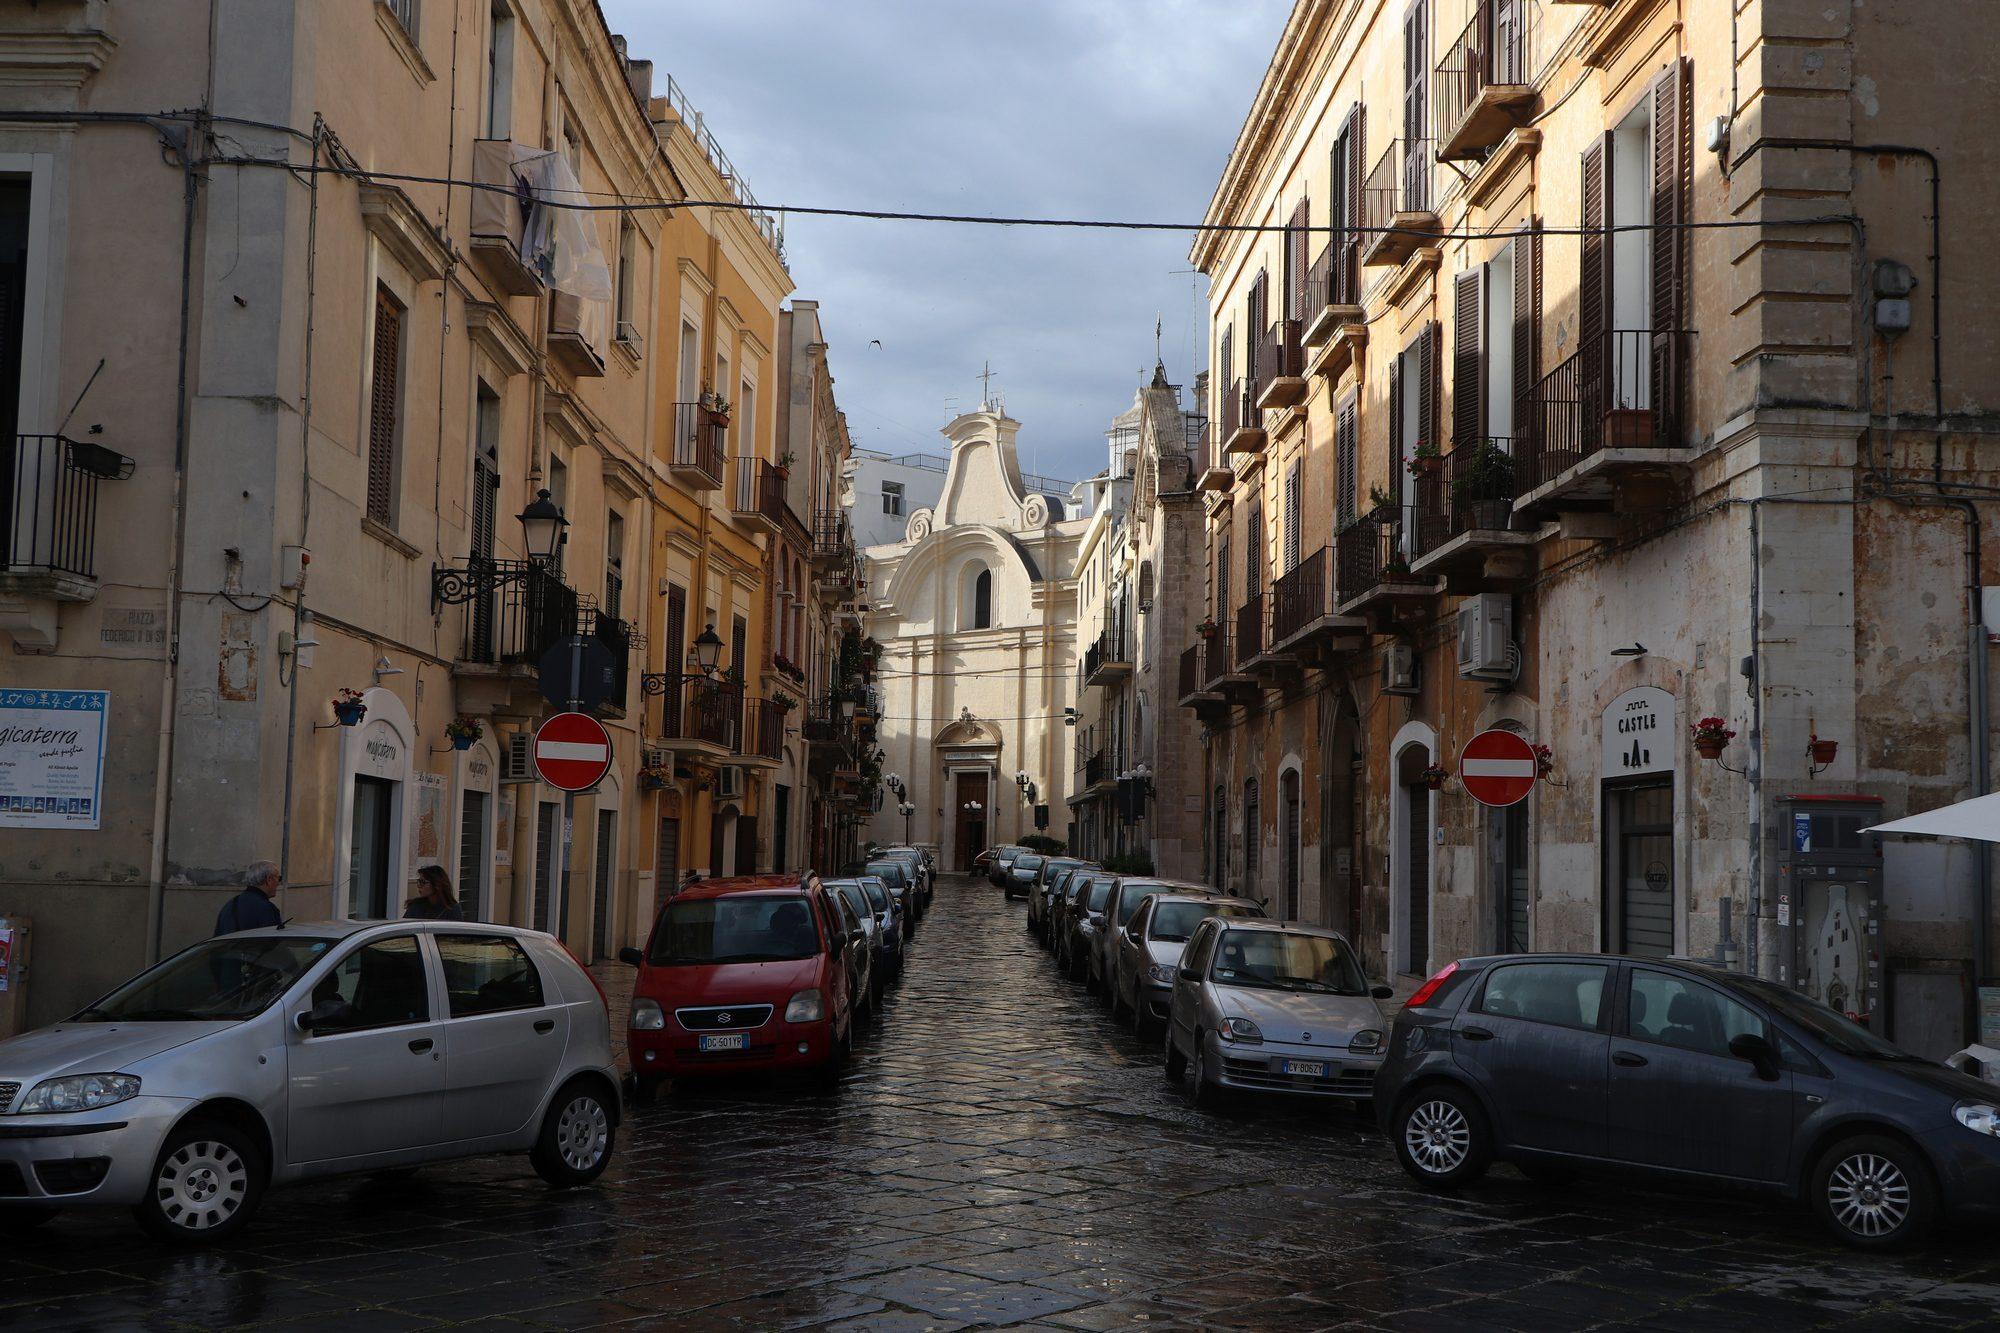 Straße in Bari der Hauptstadt von Apulien